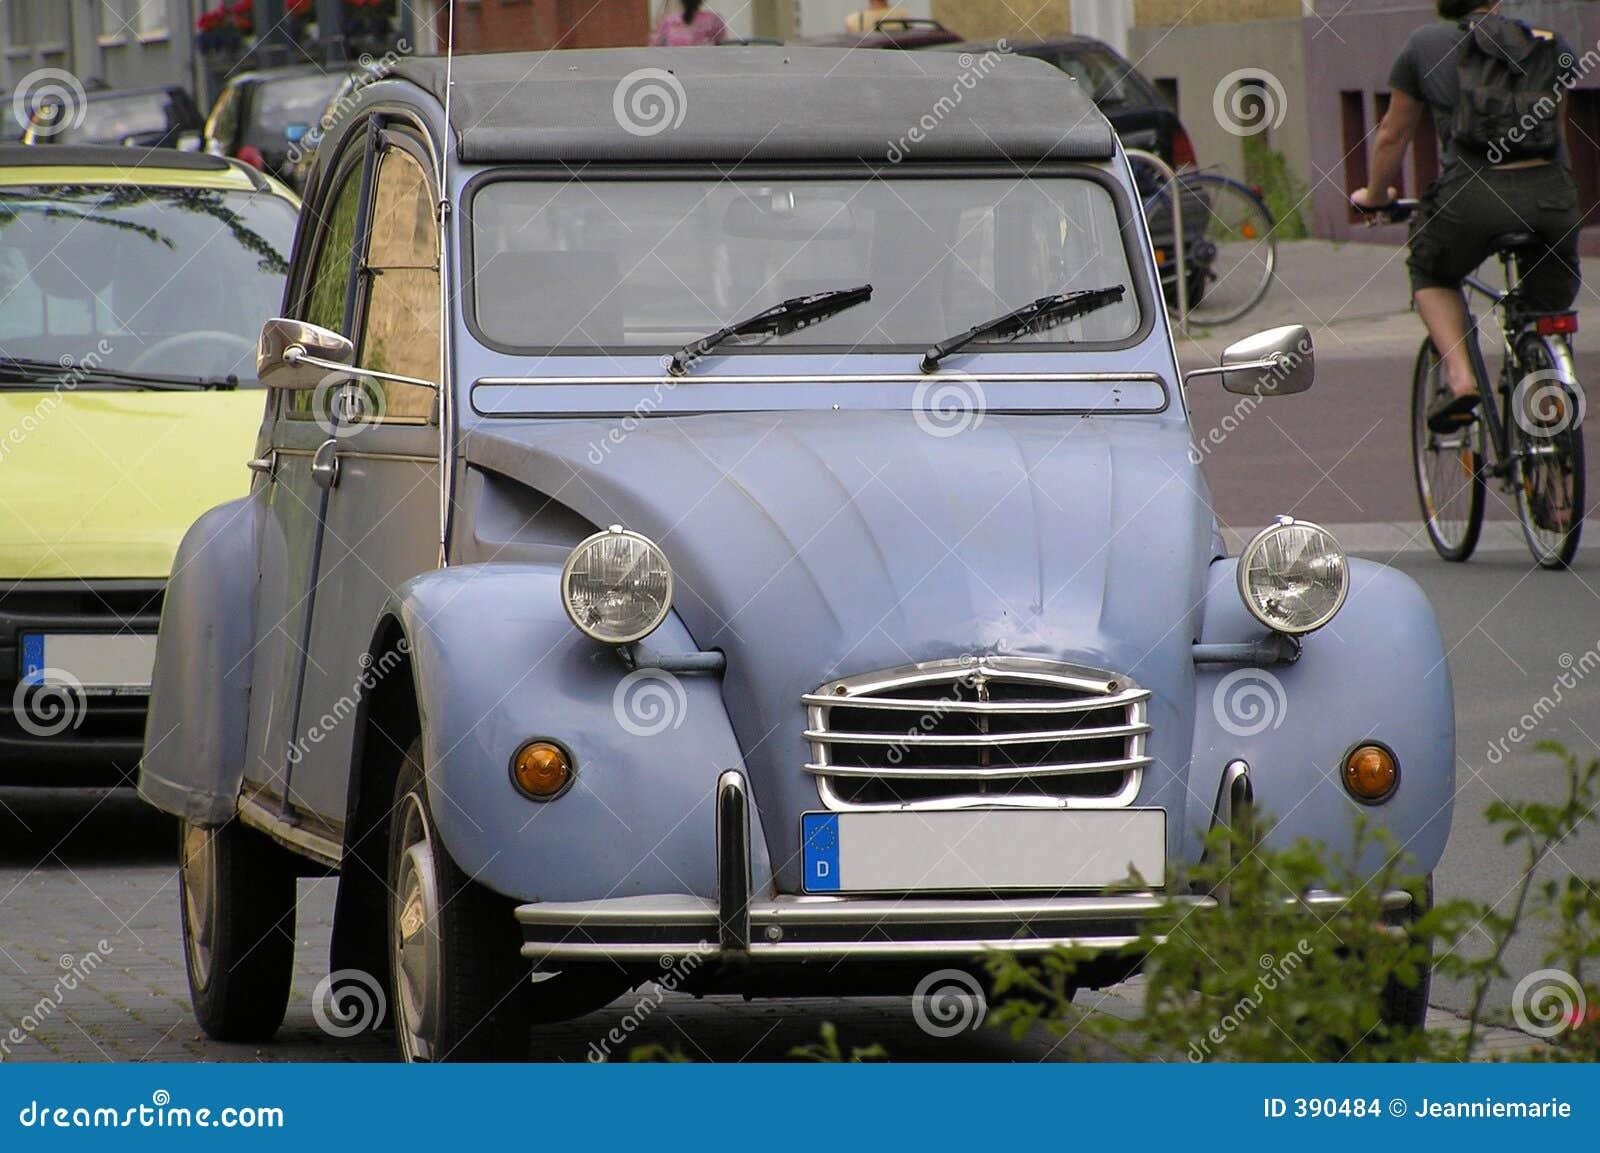 Car granny s